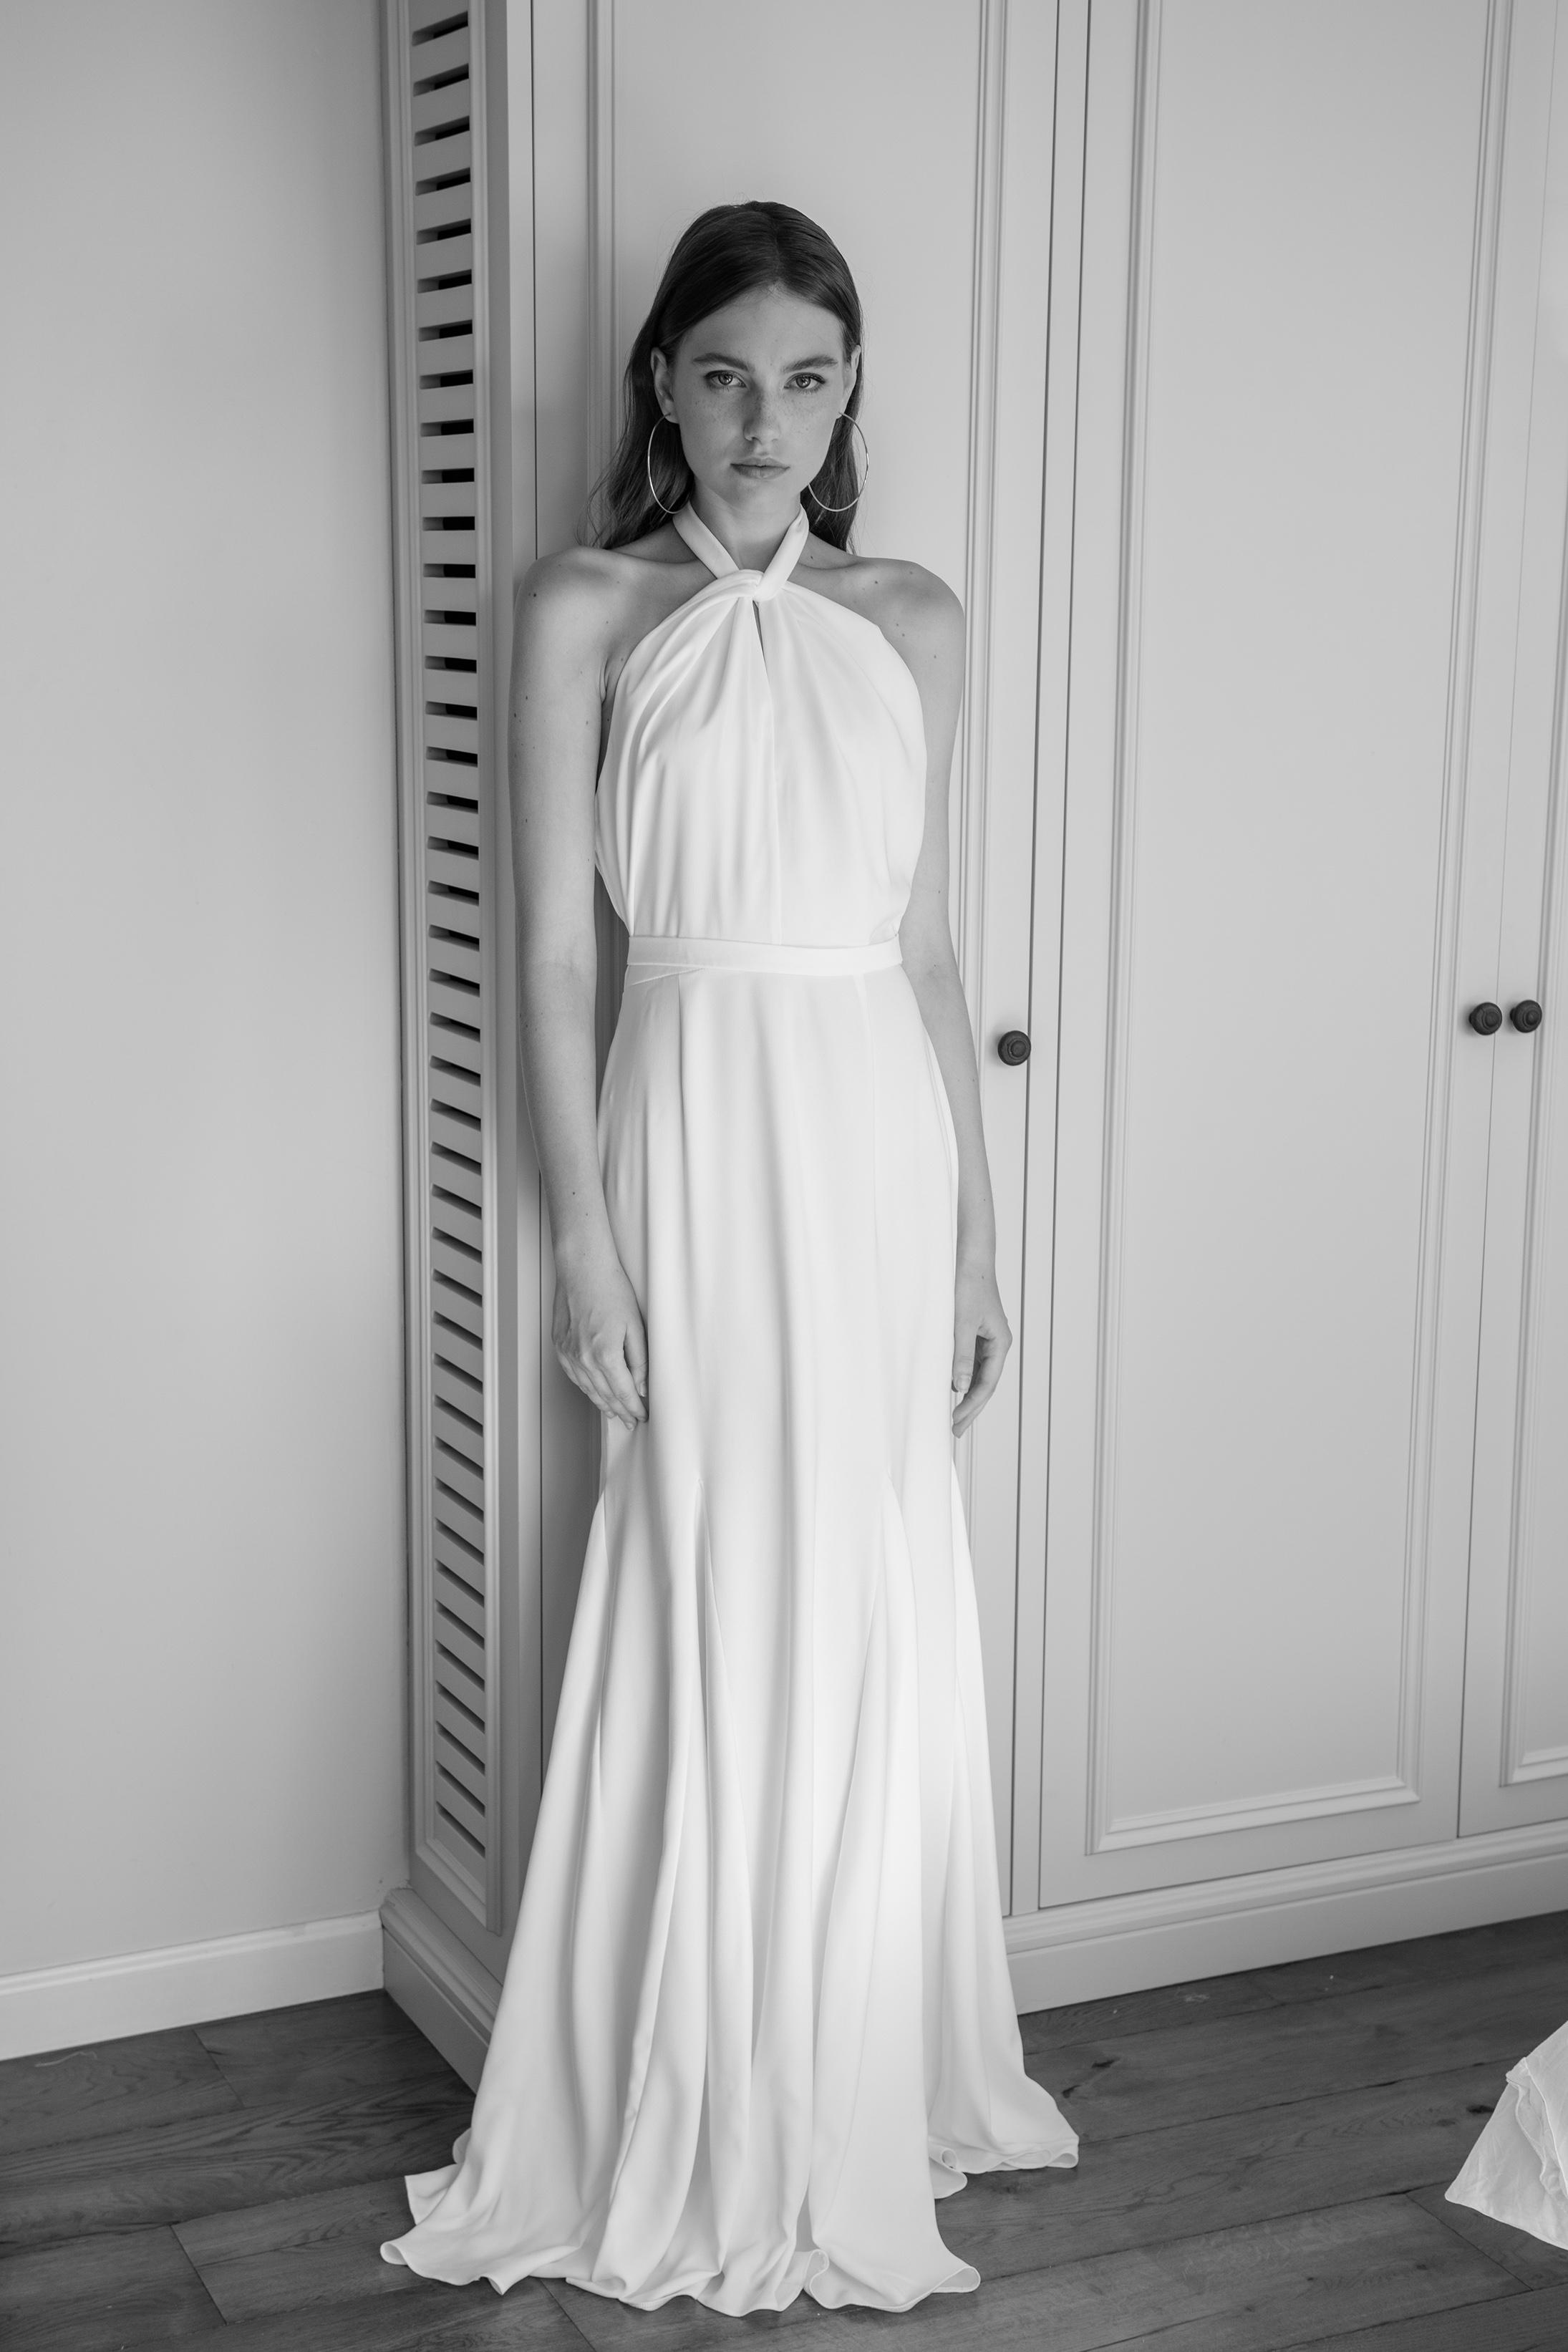 עשר שמלות הכלה שהכי אהבנו מהקולקציות החדשות של המעצבים